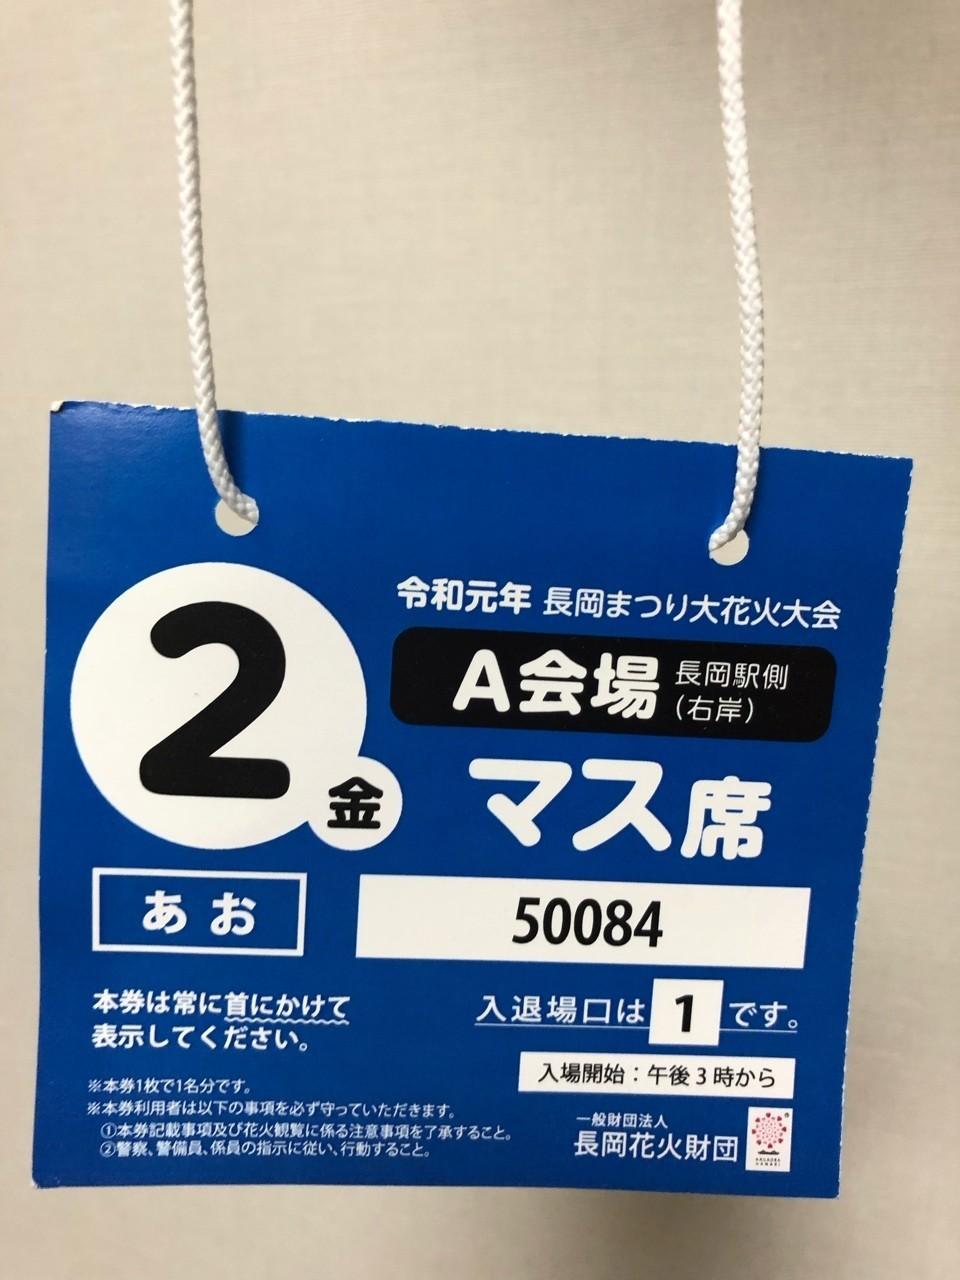 花火 テレビ 2019 長岡